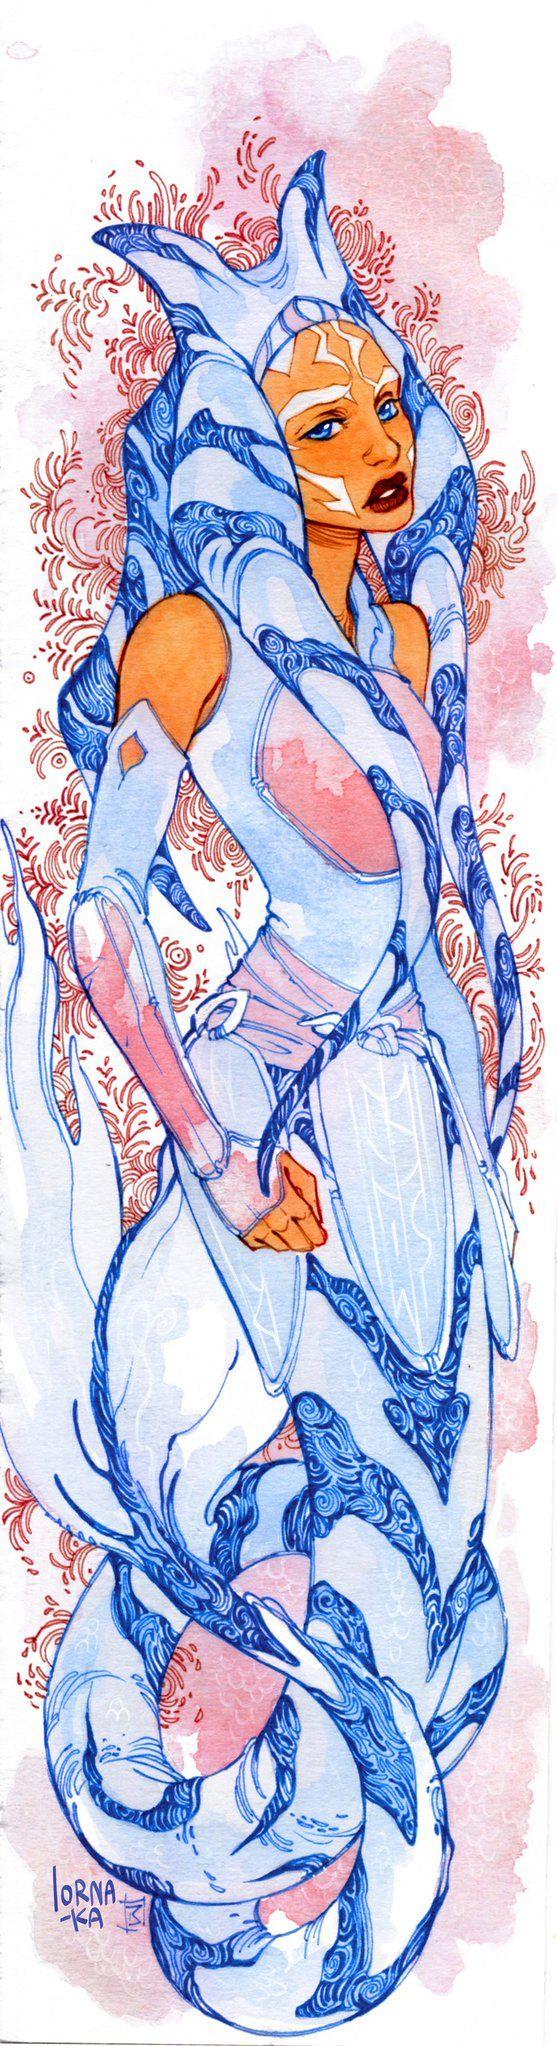 Ahsoka Tano, mermaid in the after-life...